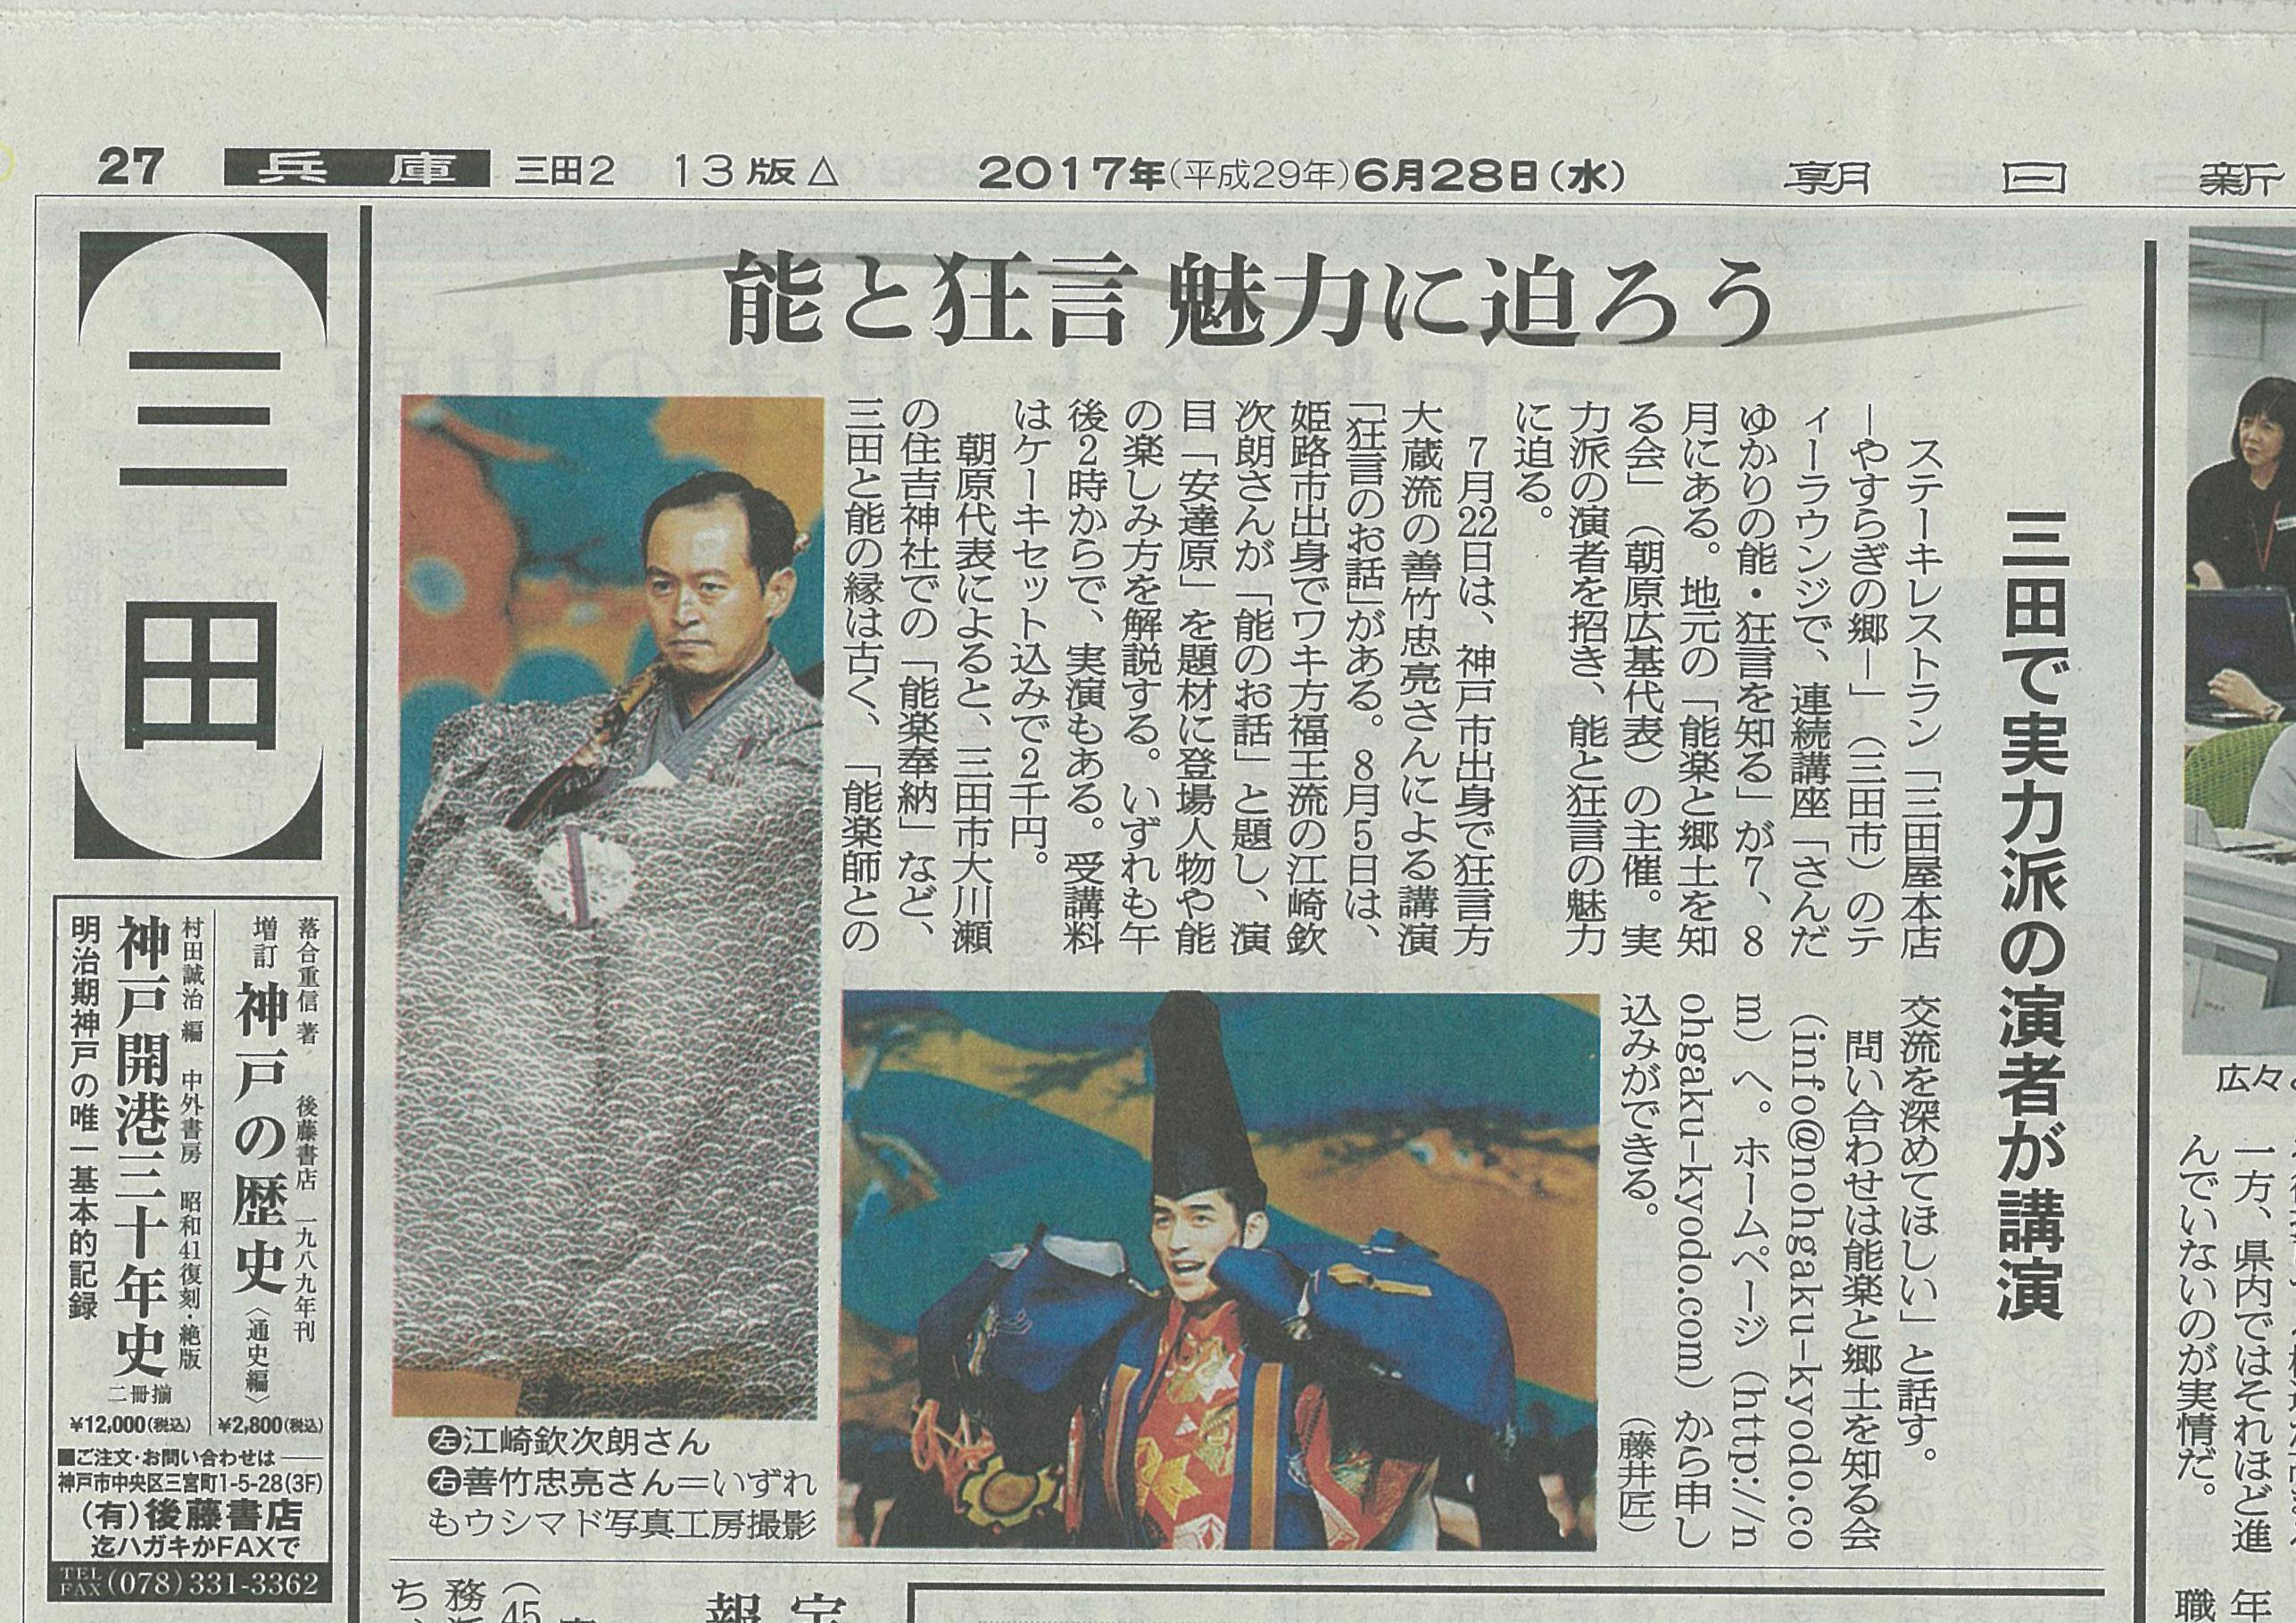 朝日新聞:さんだゆかりの能・狂言を知る